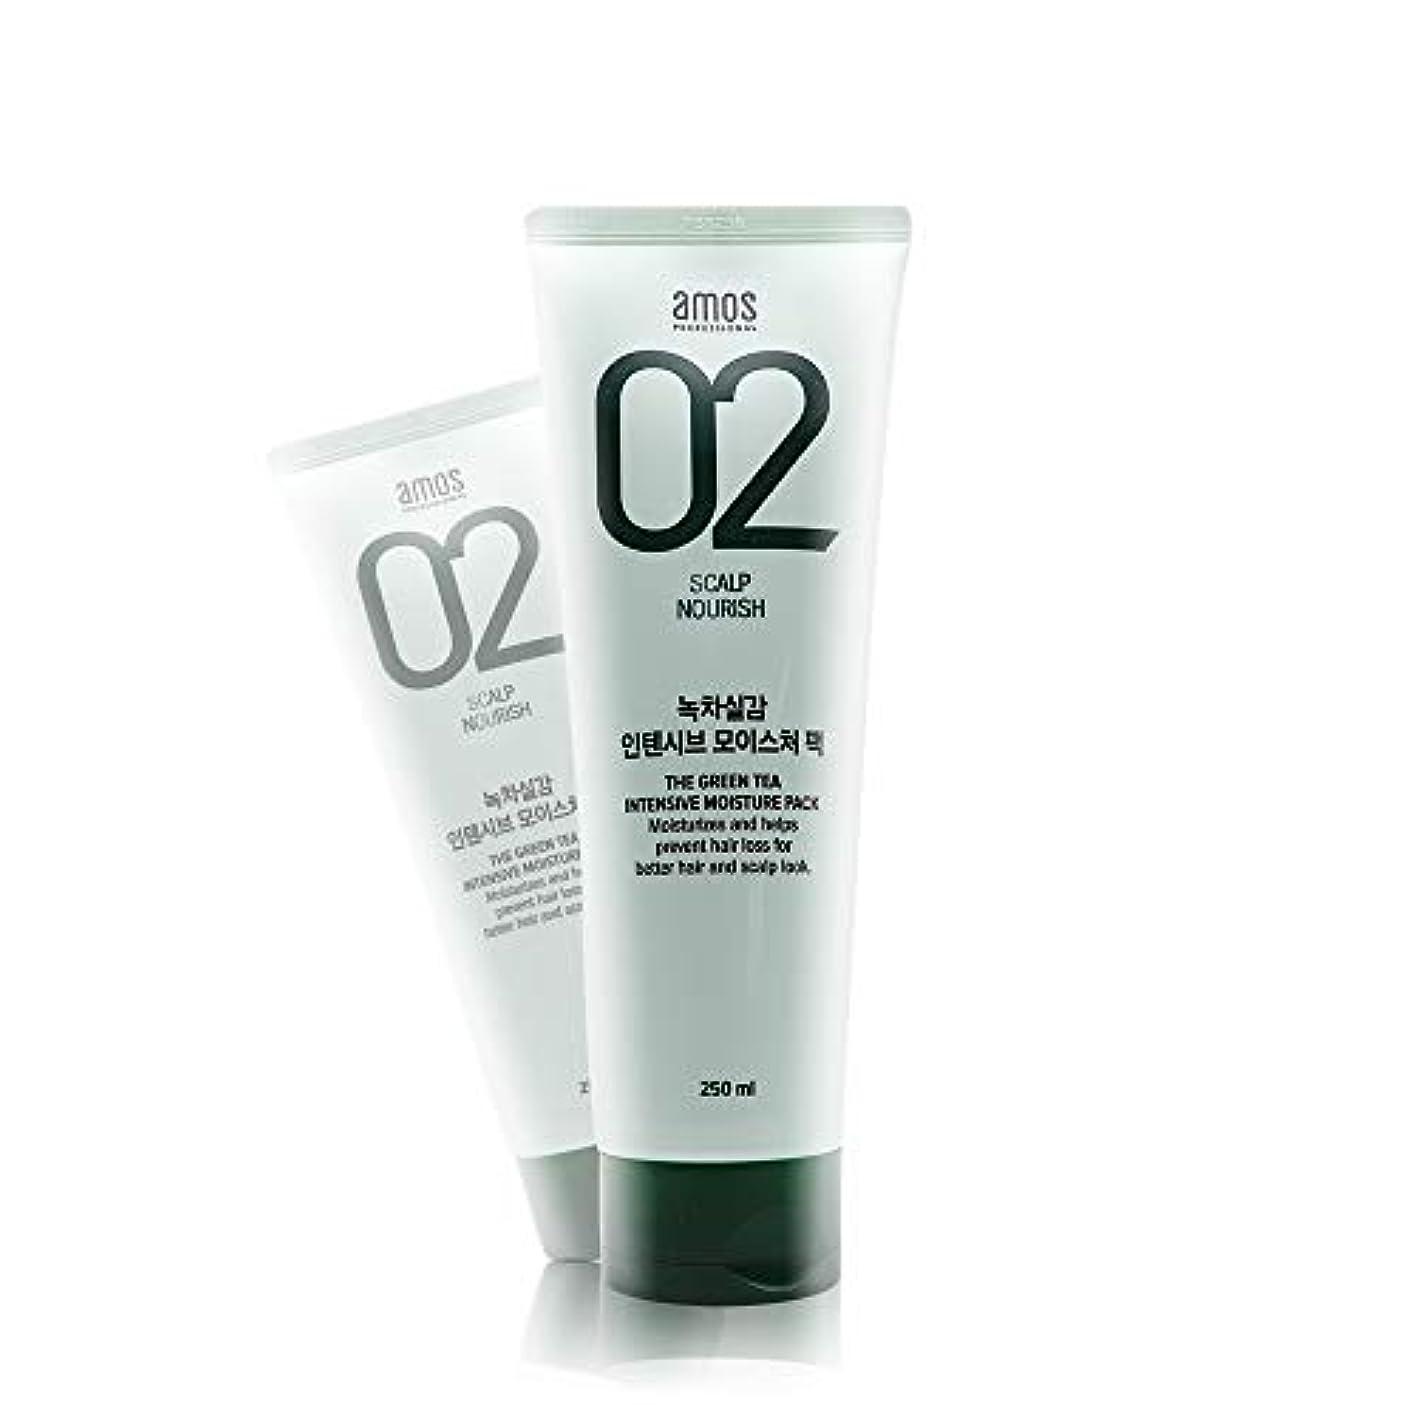 ドキュメンタリーボトルセージアモス AMOS 緑茶実感インテンシブモイスチャーパック 250g, Feel the Green Tea Intensive Moisture Hair Pack